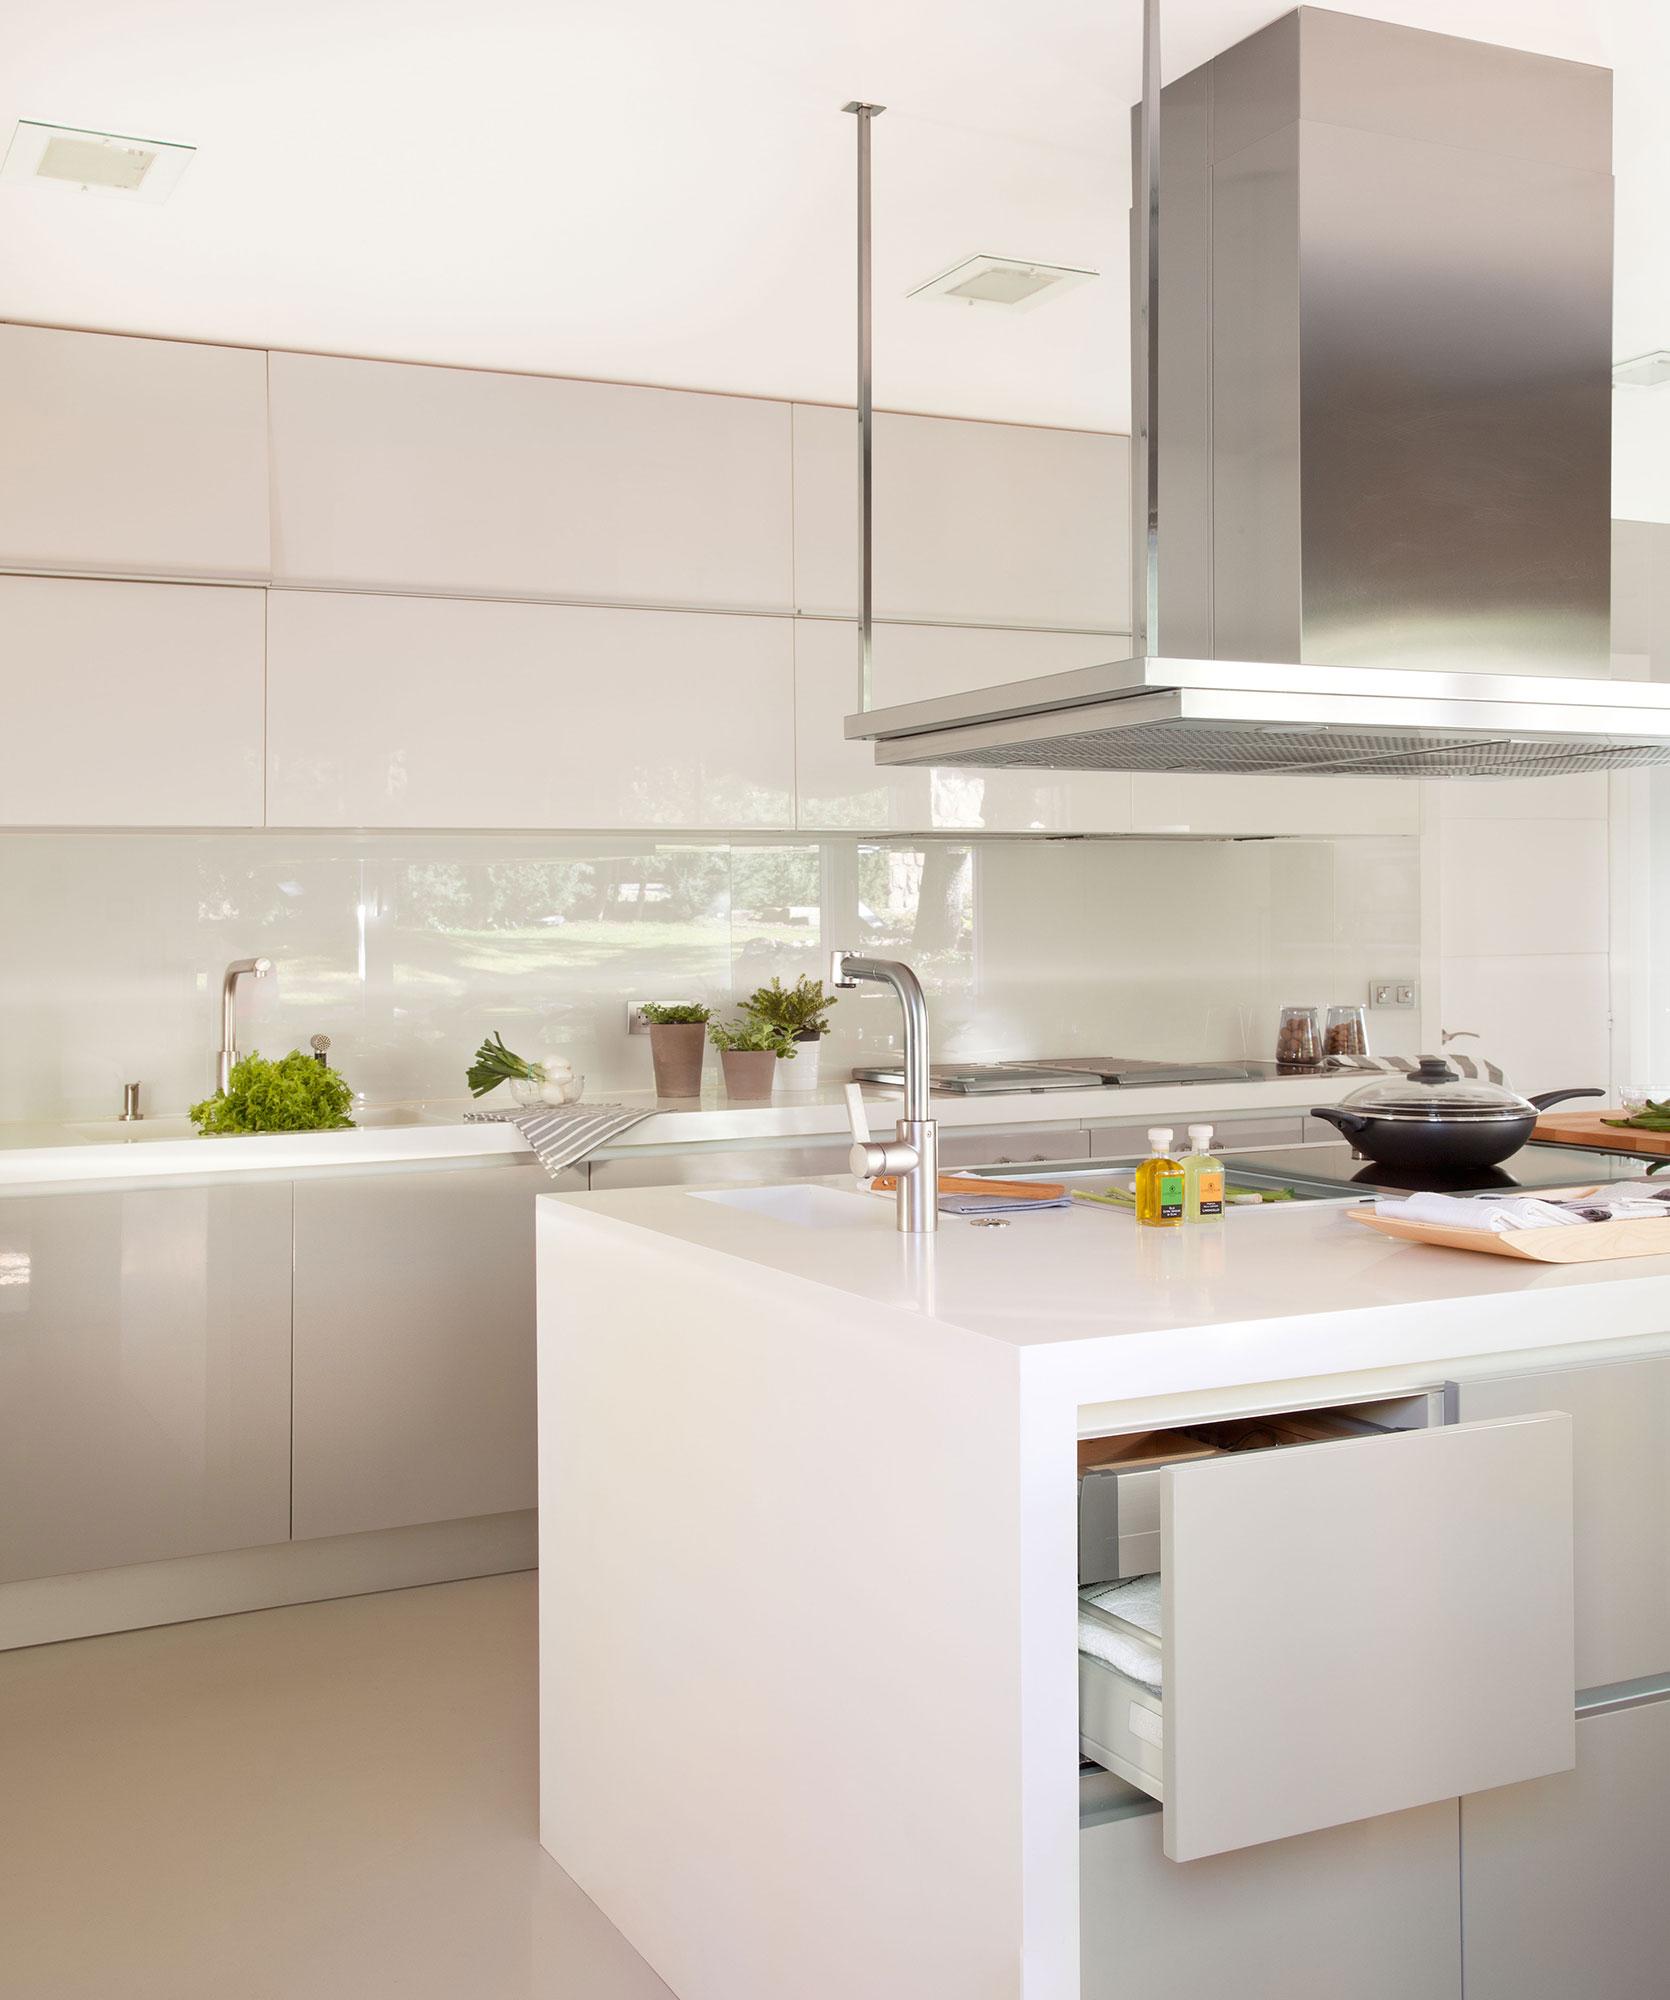 10 ideas infalibles para multiplicar la luz en la cocina for Muebles de cocina con isla central